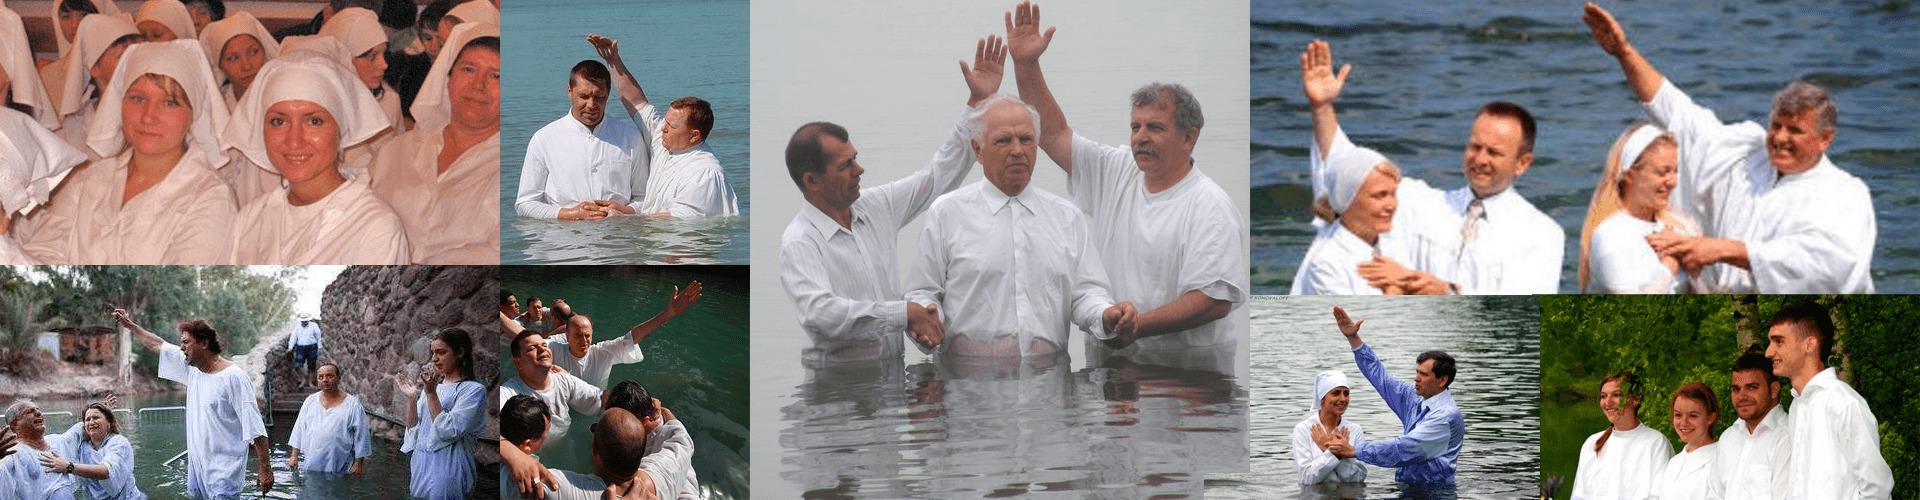 баптисты это вообще кто